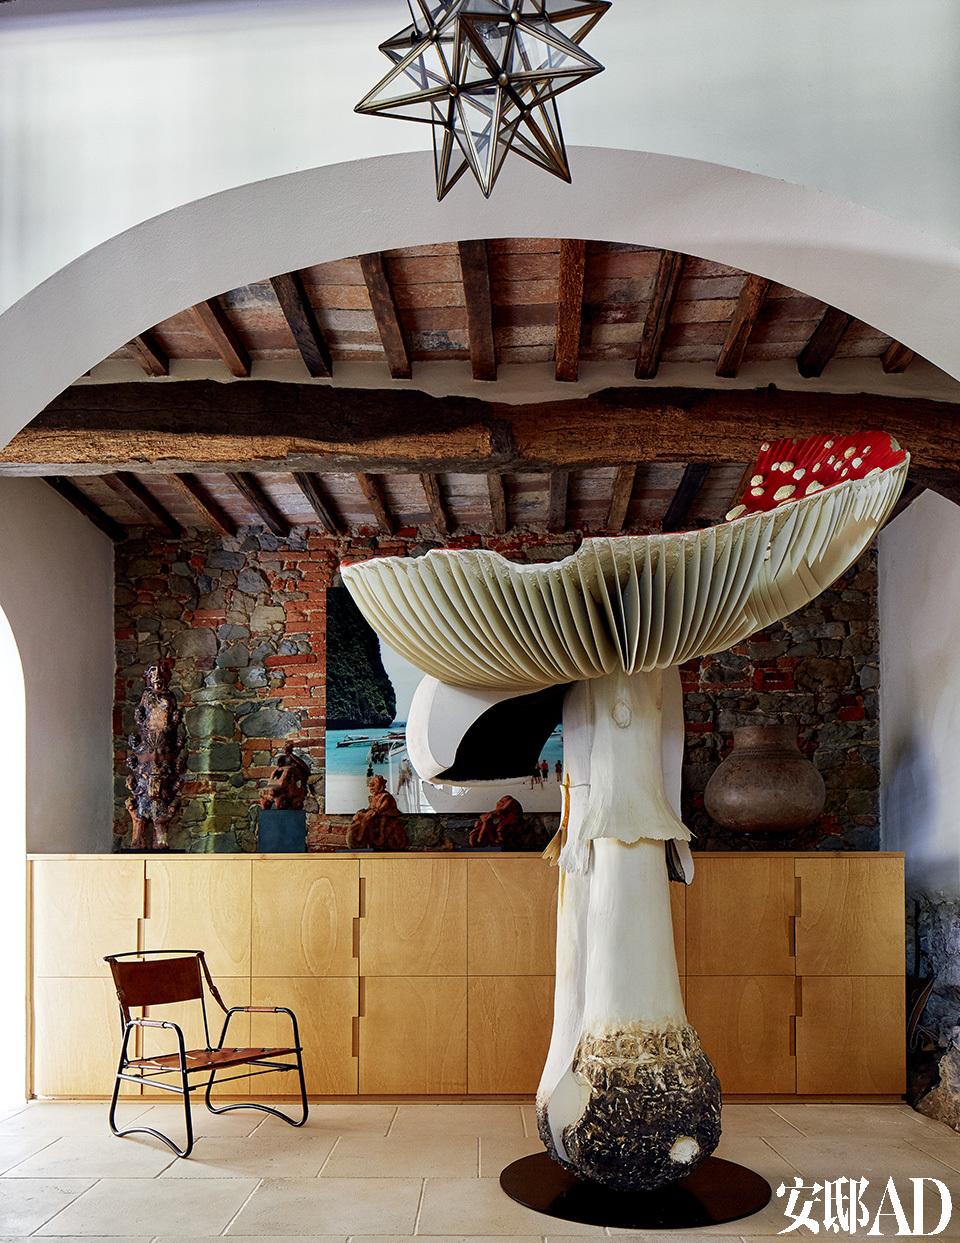 铁制皮革面料座椅由Jacques Adnet设计。2.6米高的Giant Triple Mushroom 大蘑菇艺术摆件来自Carsten Höller。后方的摄影作品来自意大利摄影师Francesco Jodice。